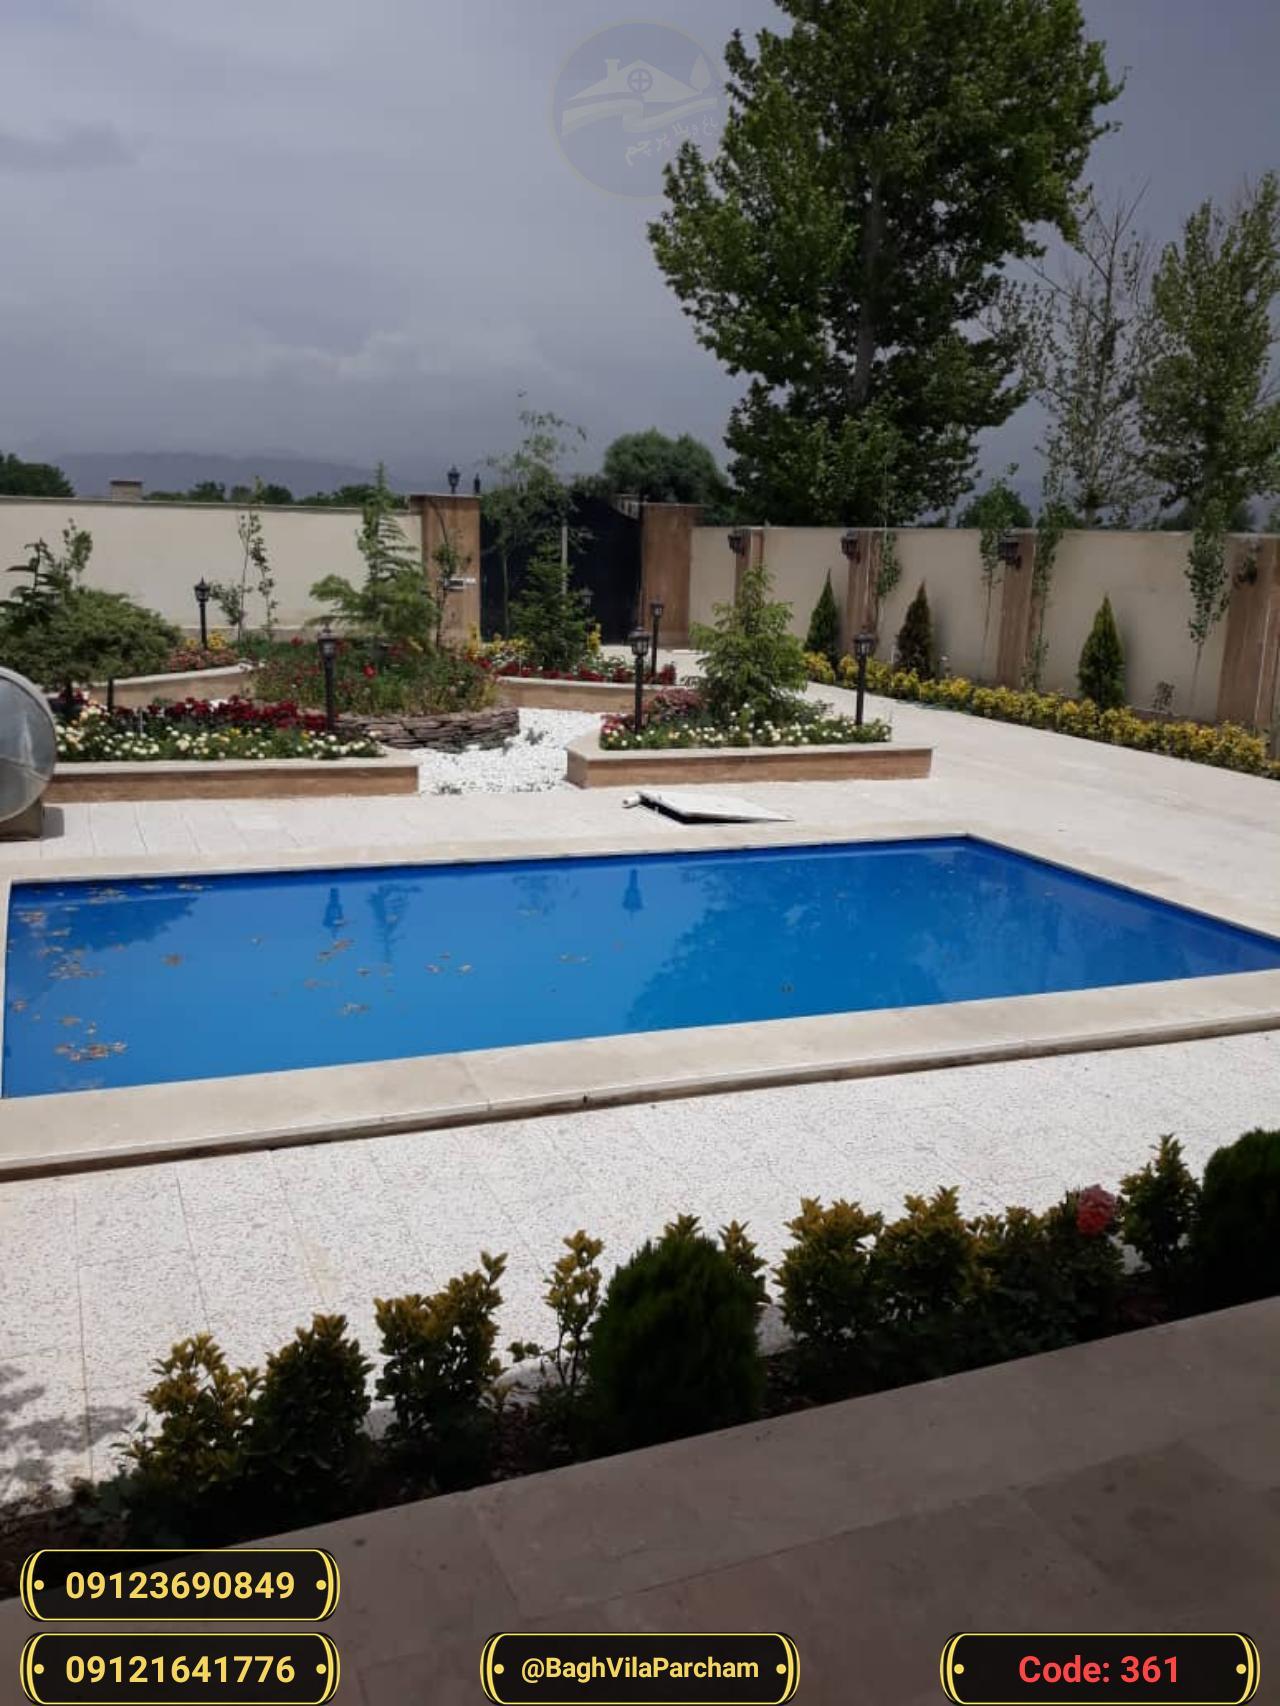 تصویر عکس باغ ویلا شماره 6 از ویلای ۵۰۰ متر ویلا Picture photo image 6 of ۵۰۰ متر ویلا